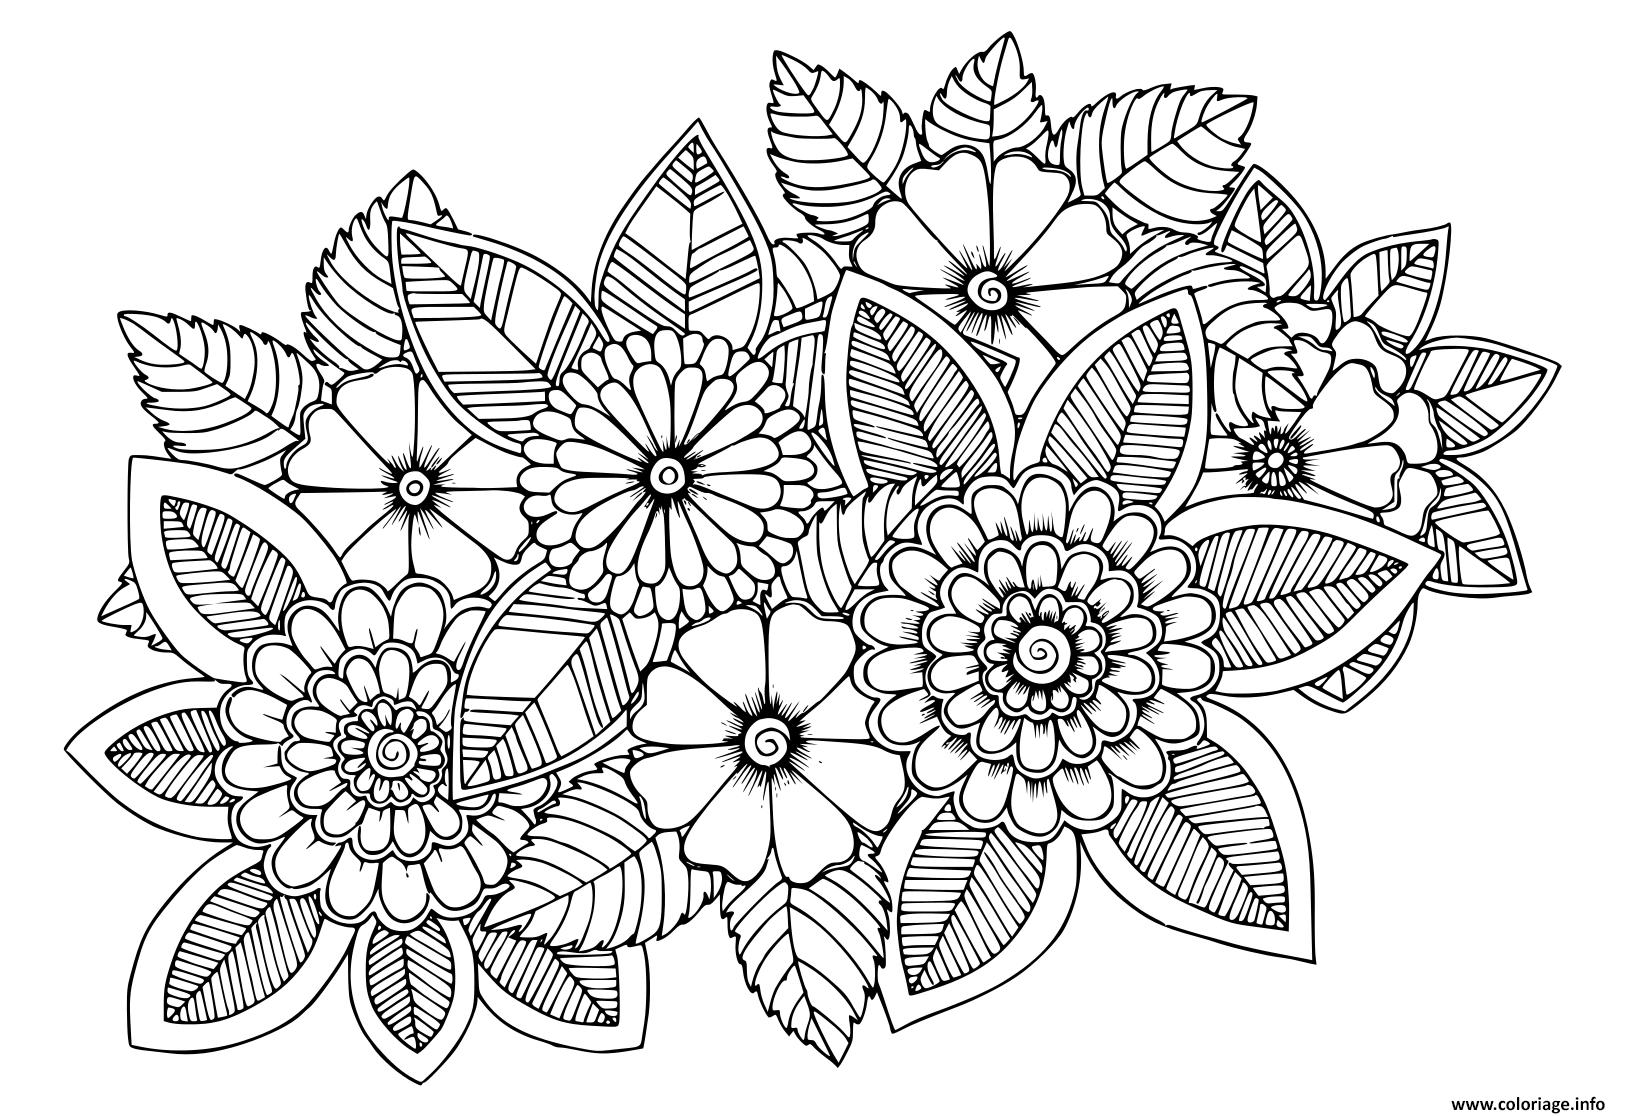 Coloriage Fleur Vegetation Fleural Adulte dessin